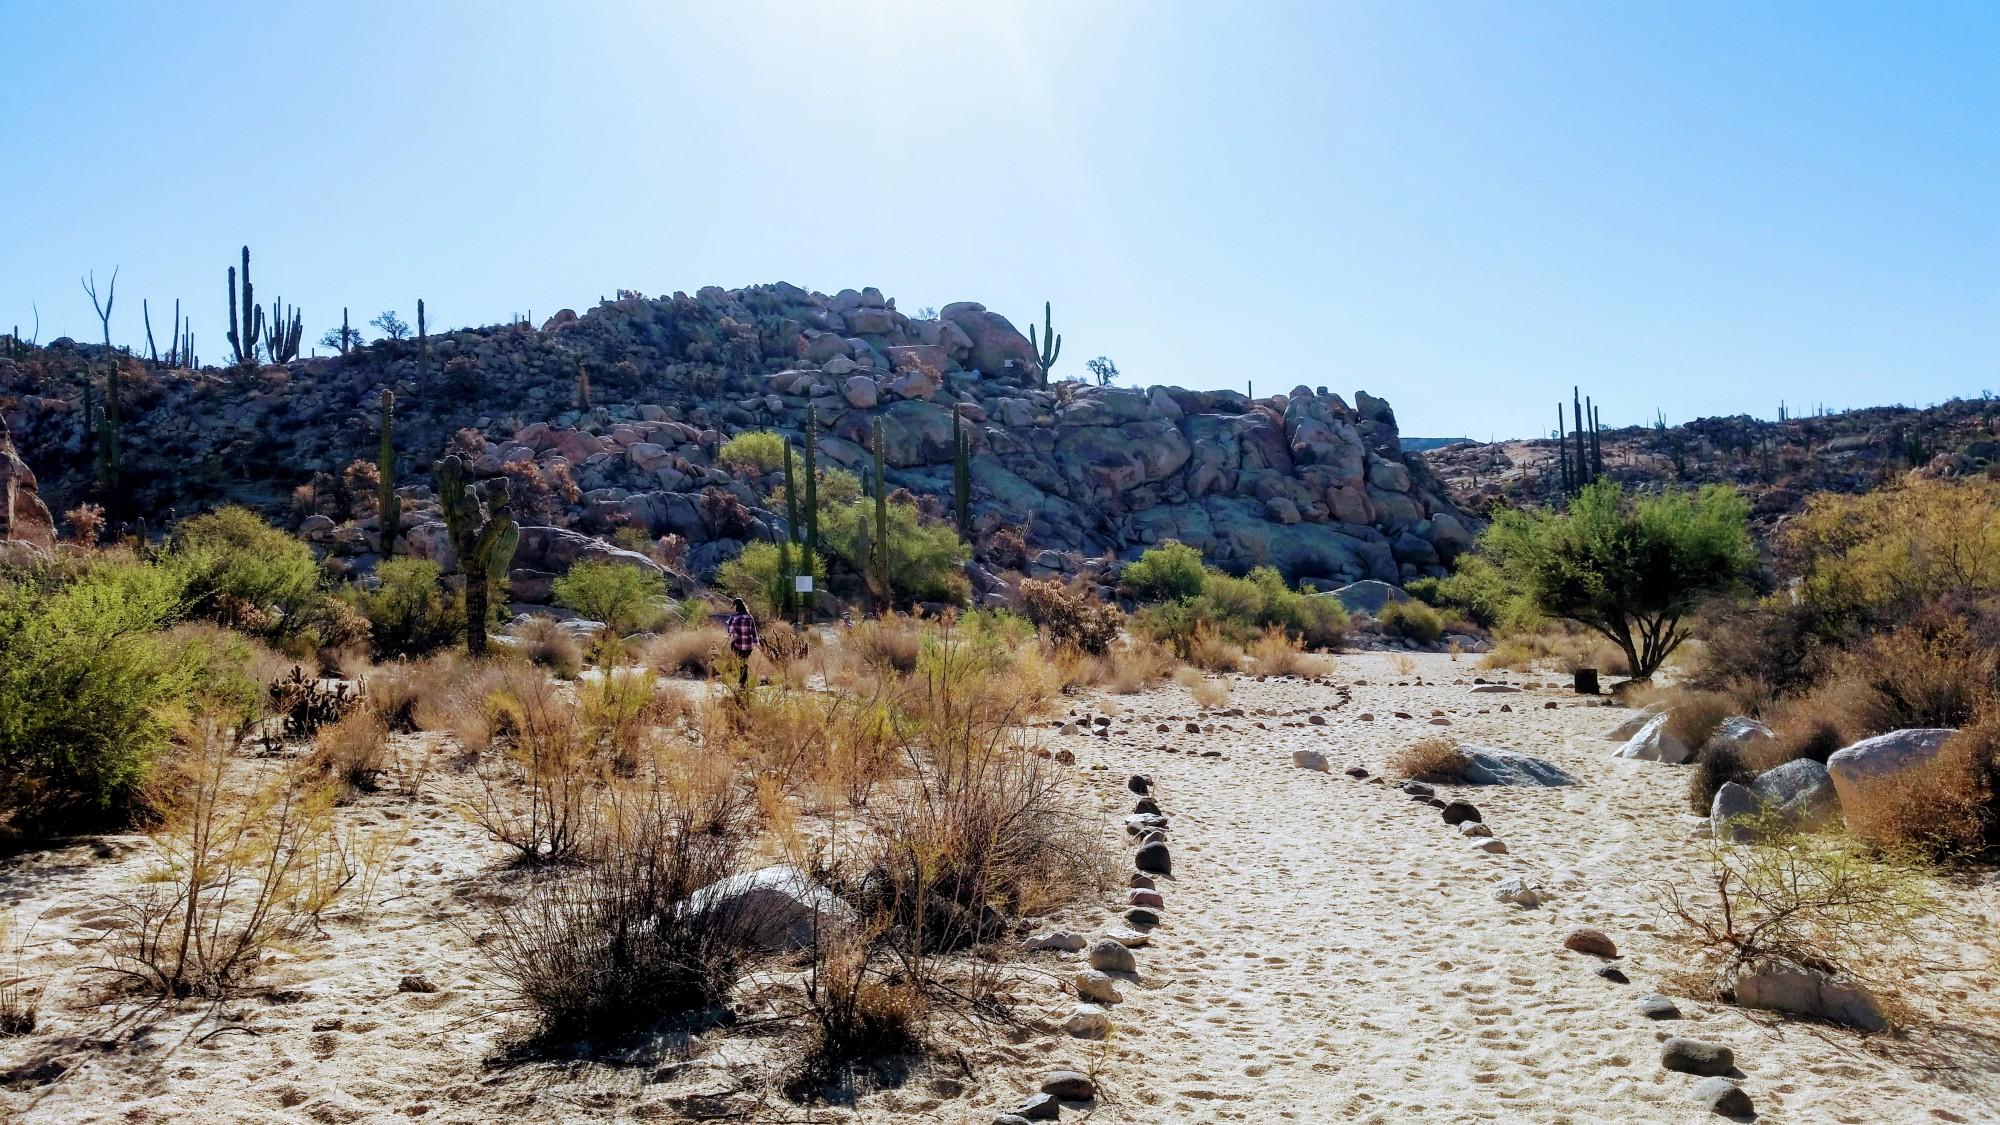 Photo of desert landscape en route to Baja, Mexico